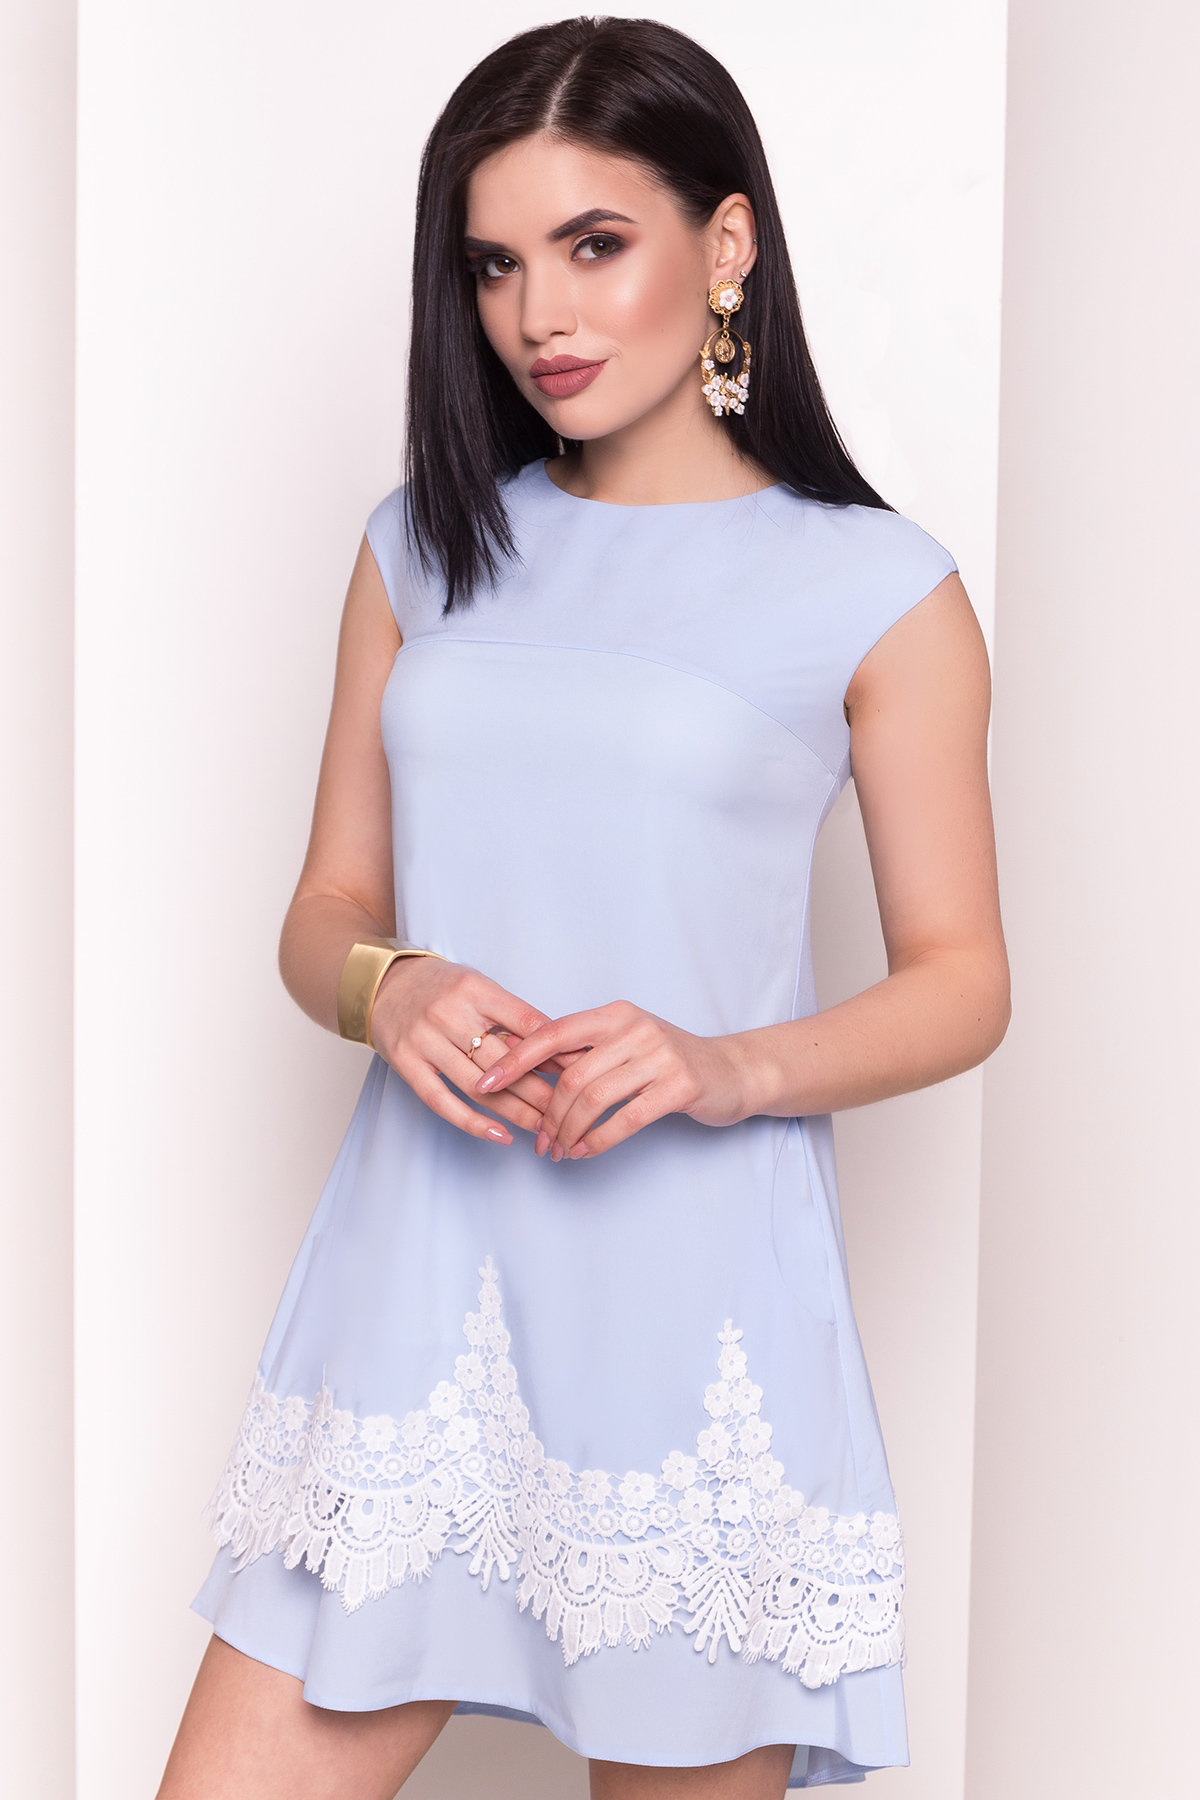 Платье Арвель 4894 АРТ. 34785 Цвет: Голубой - фото 2, интернет магазин tm-modus.ru